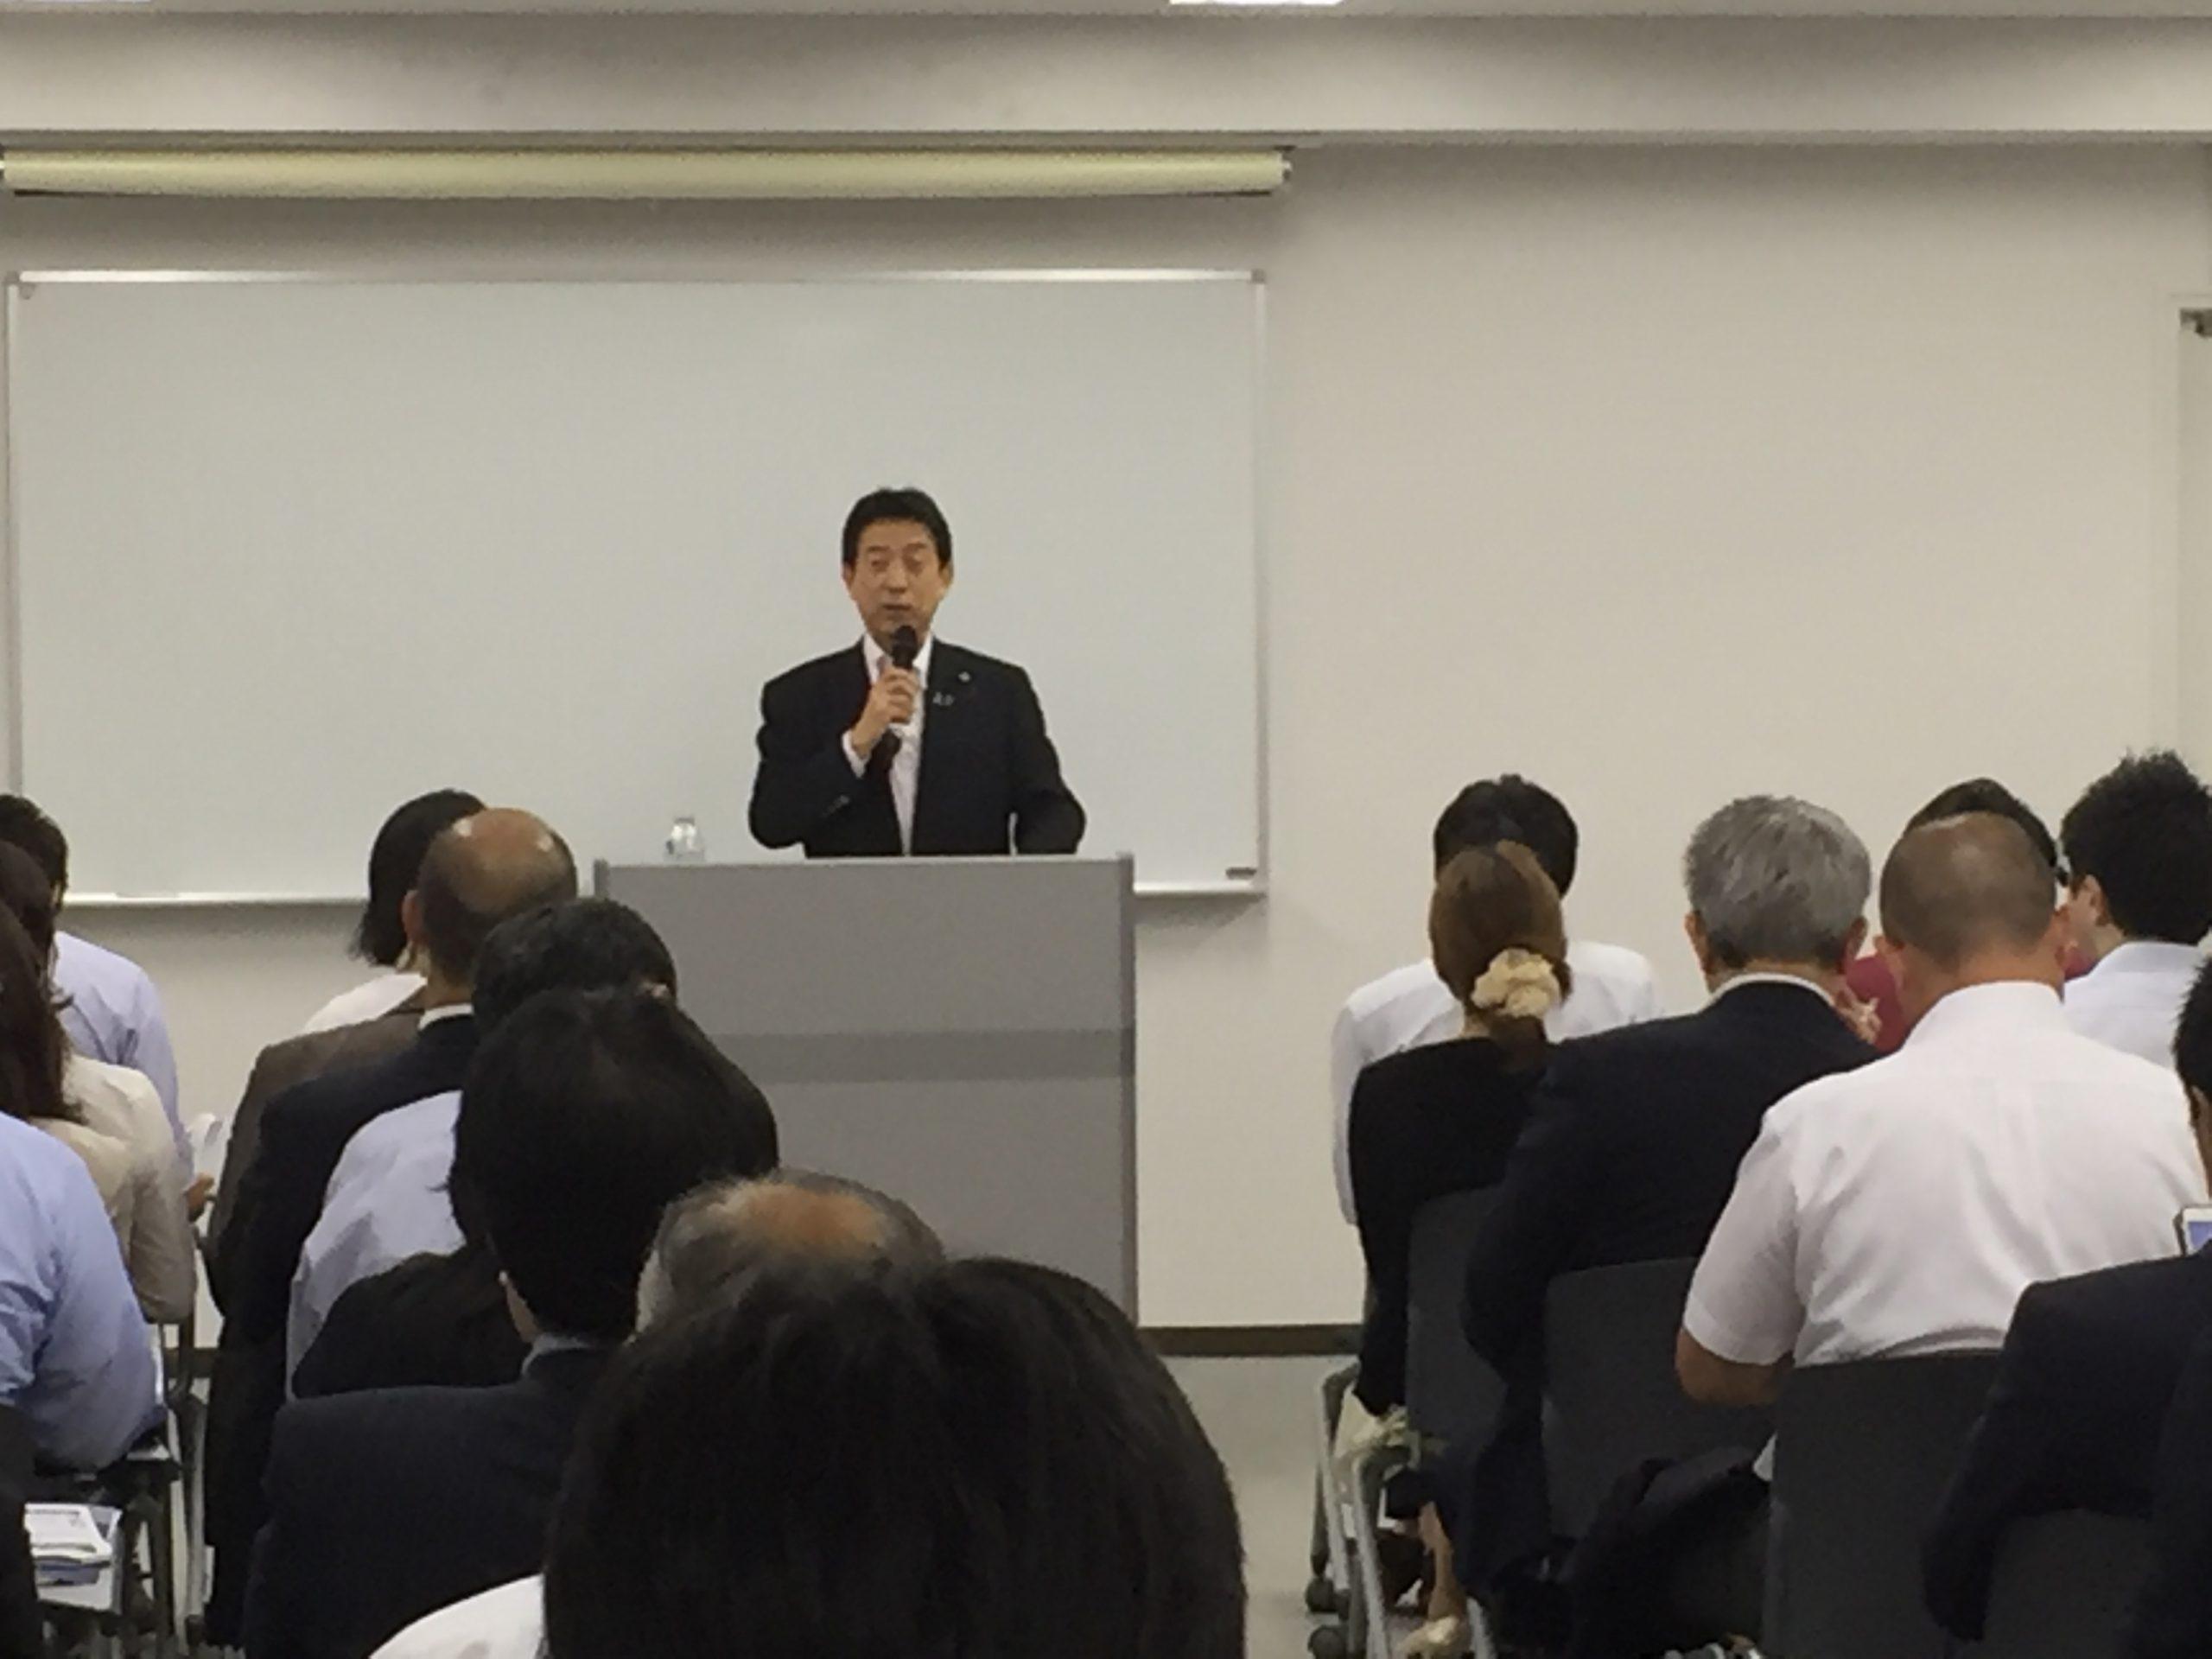 第32回 厚生労働大臣 塩崎恭久による講演会(2016/7/28)